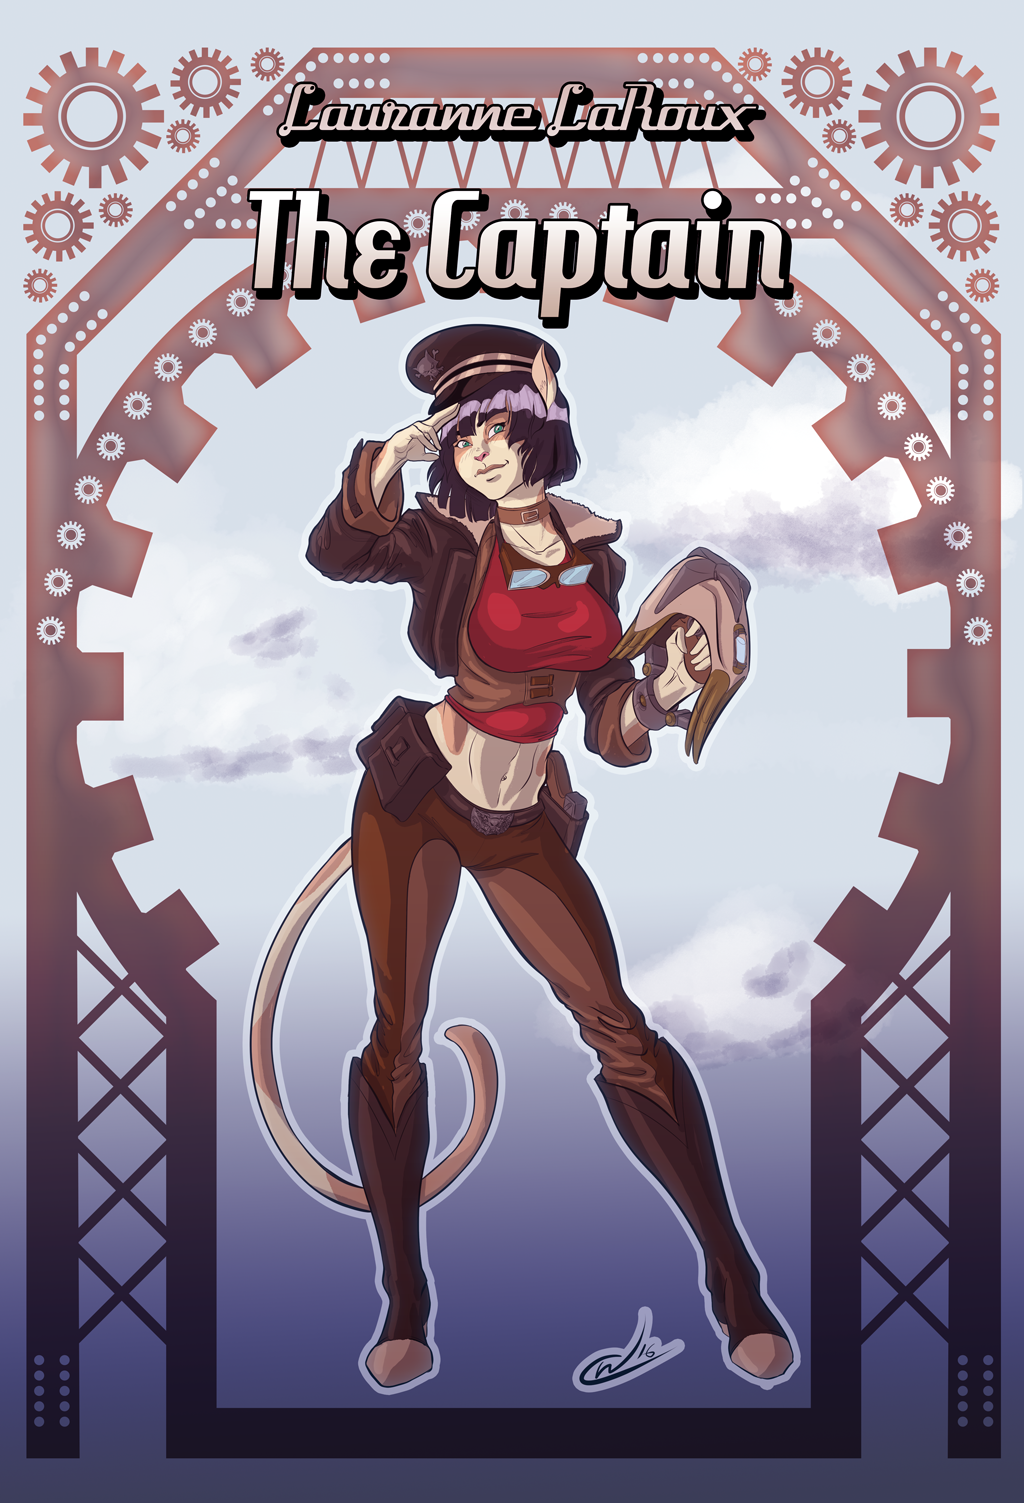 Lauranne LaRoux, The Captain